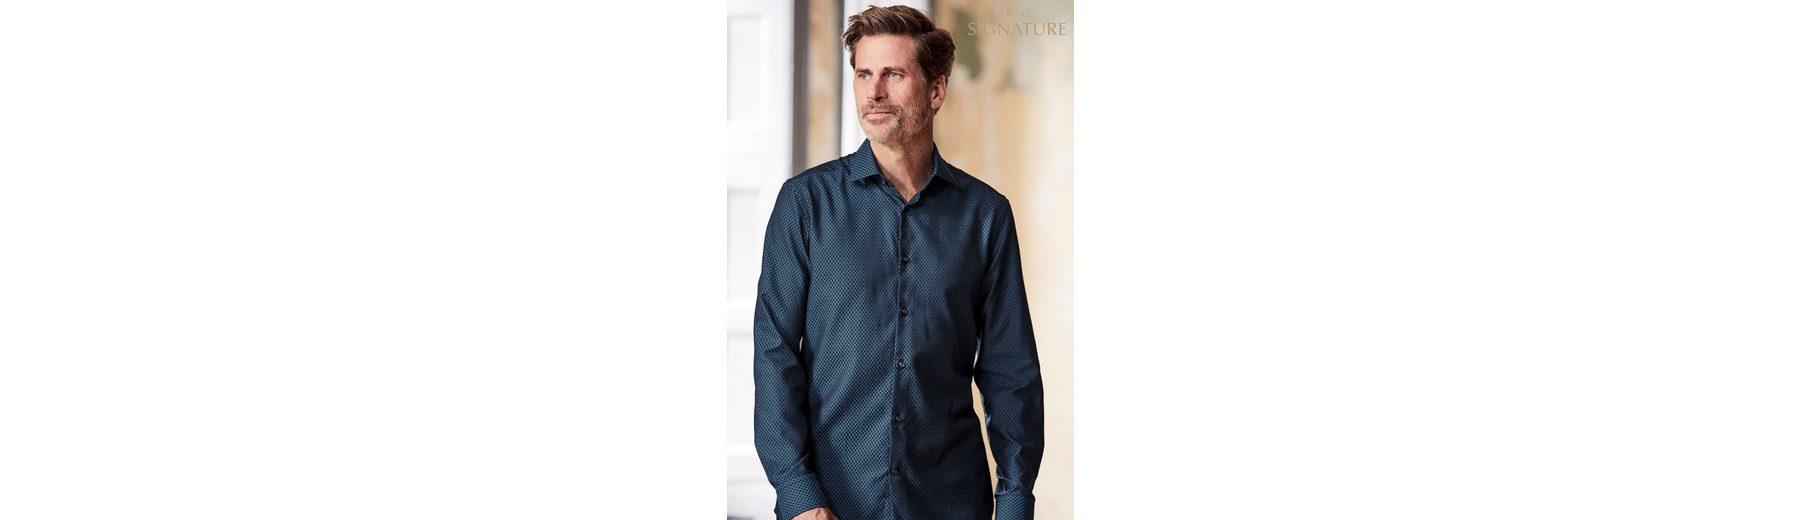 Freies Verschiffen Große Diskont Next Slim-Fit Hemd aus ägyptischer Baumwolle Besuchen Verkauf Online rAJl8KxsjI